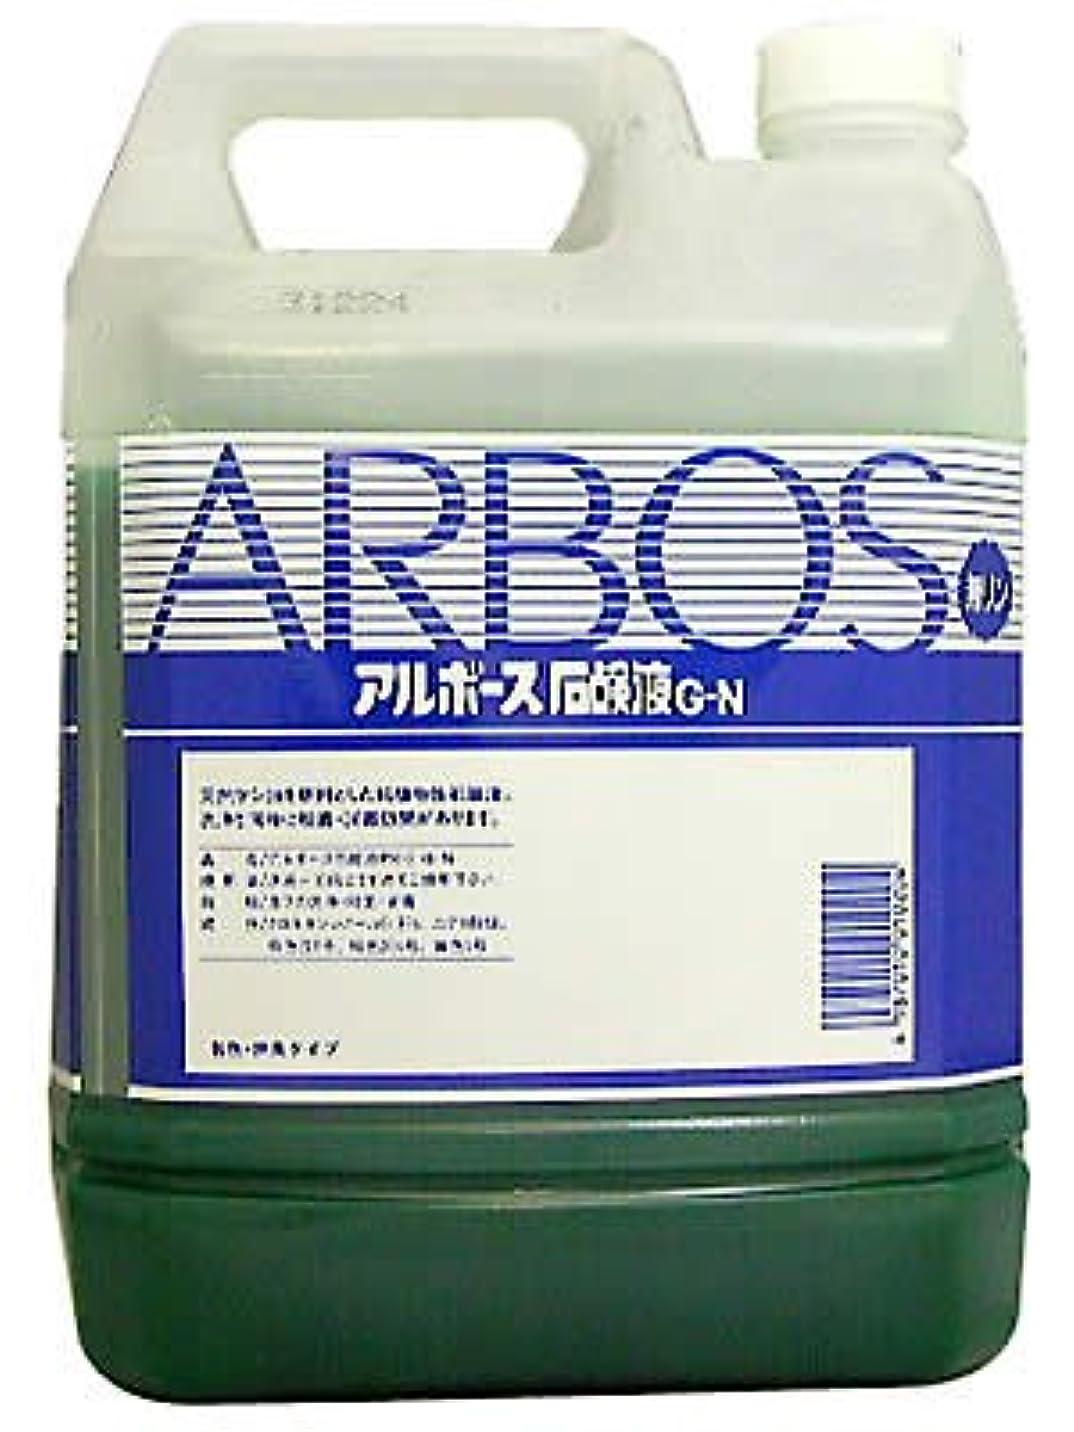 アプライアンスダーリンクラックポットアルボース石鹸液G-N 010204kg / 6-8601-01